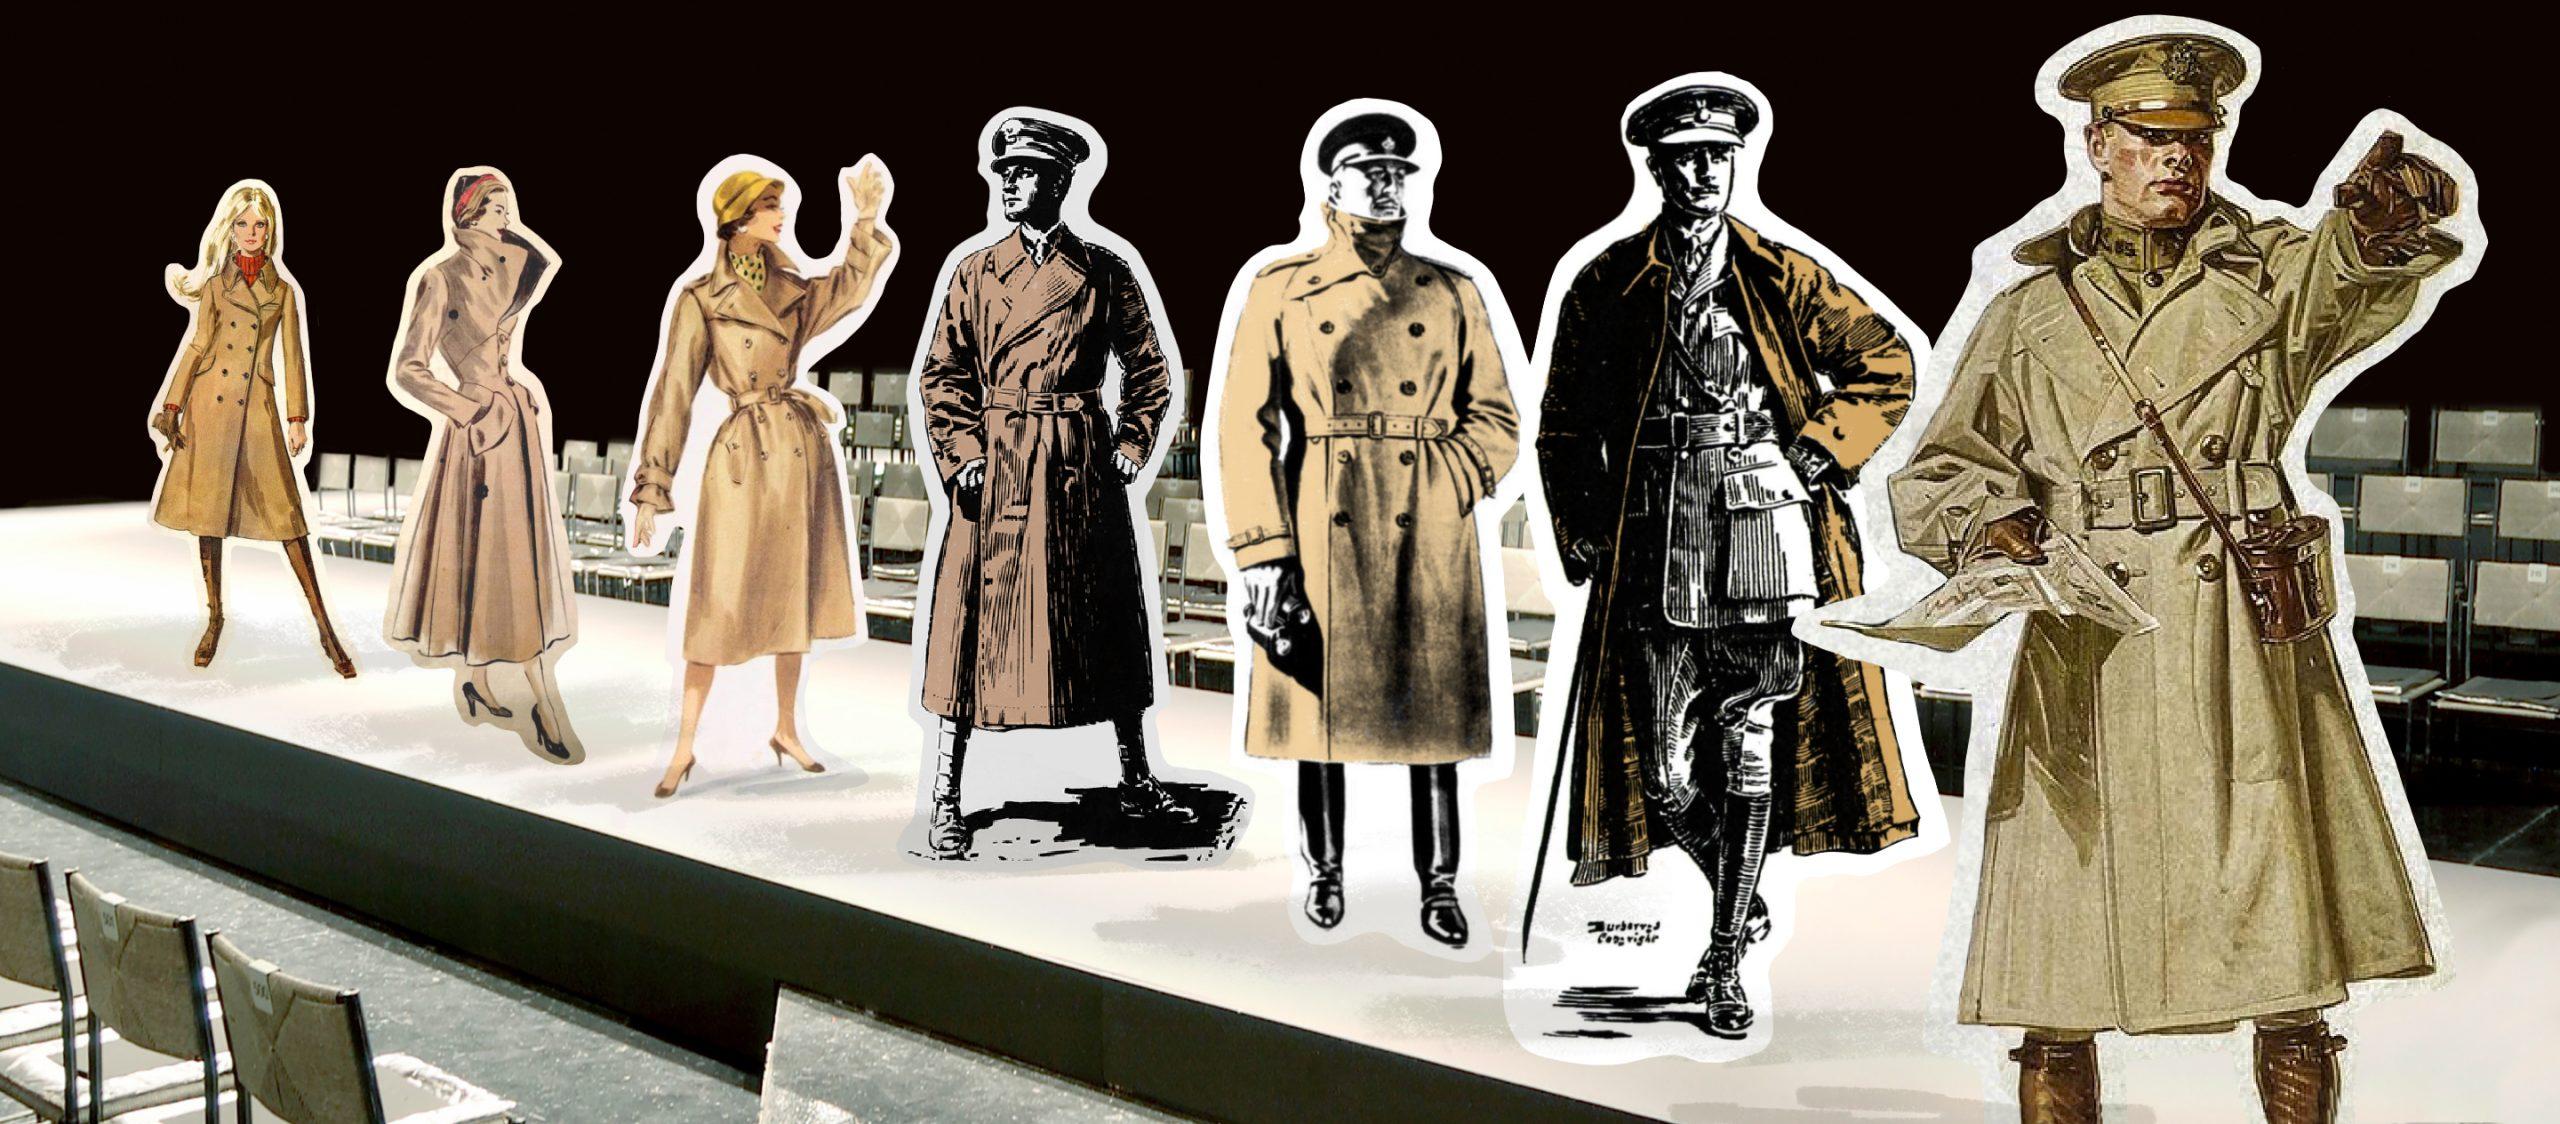 จากสนามรบสู่รันเวย์ ว่าด้วย trench coat กับแฟชั่นของคุณสุภาพบุรุษในสงครามโลกครั้งที่ 1